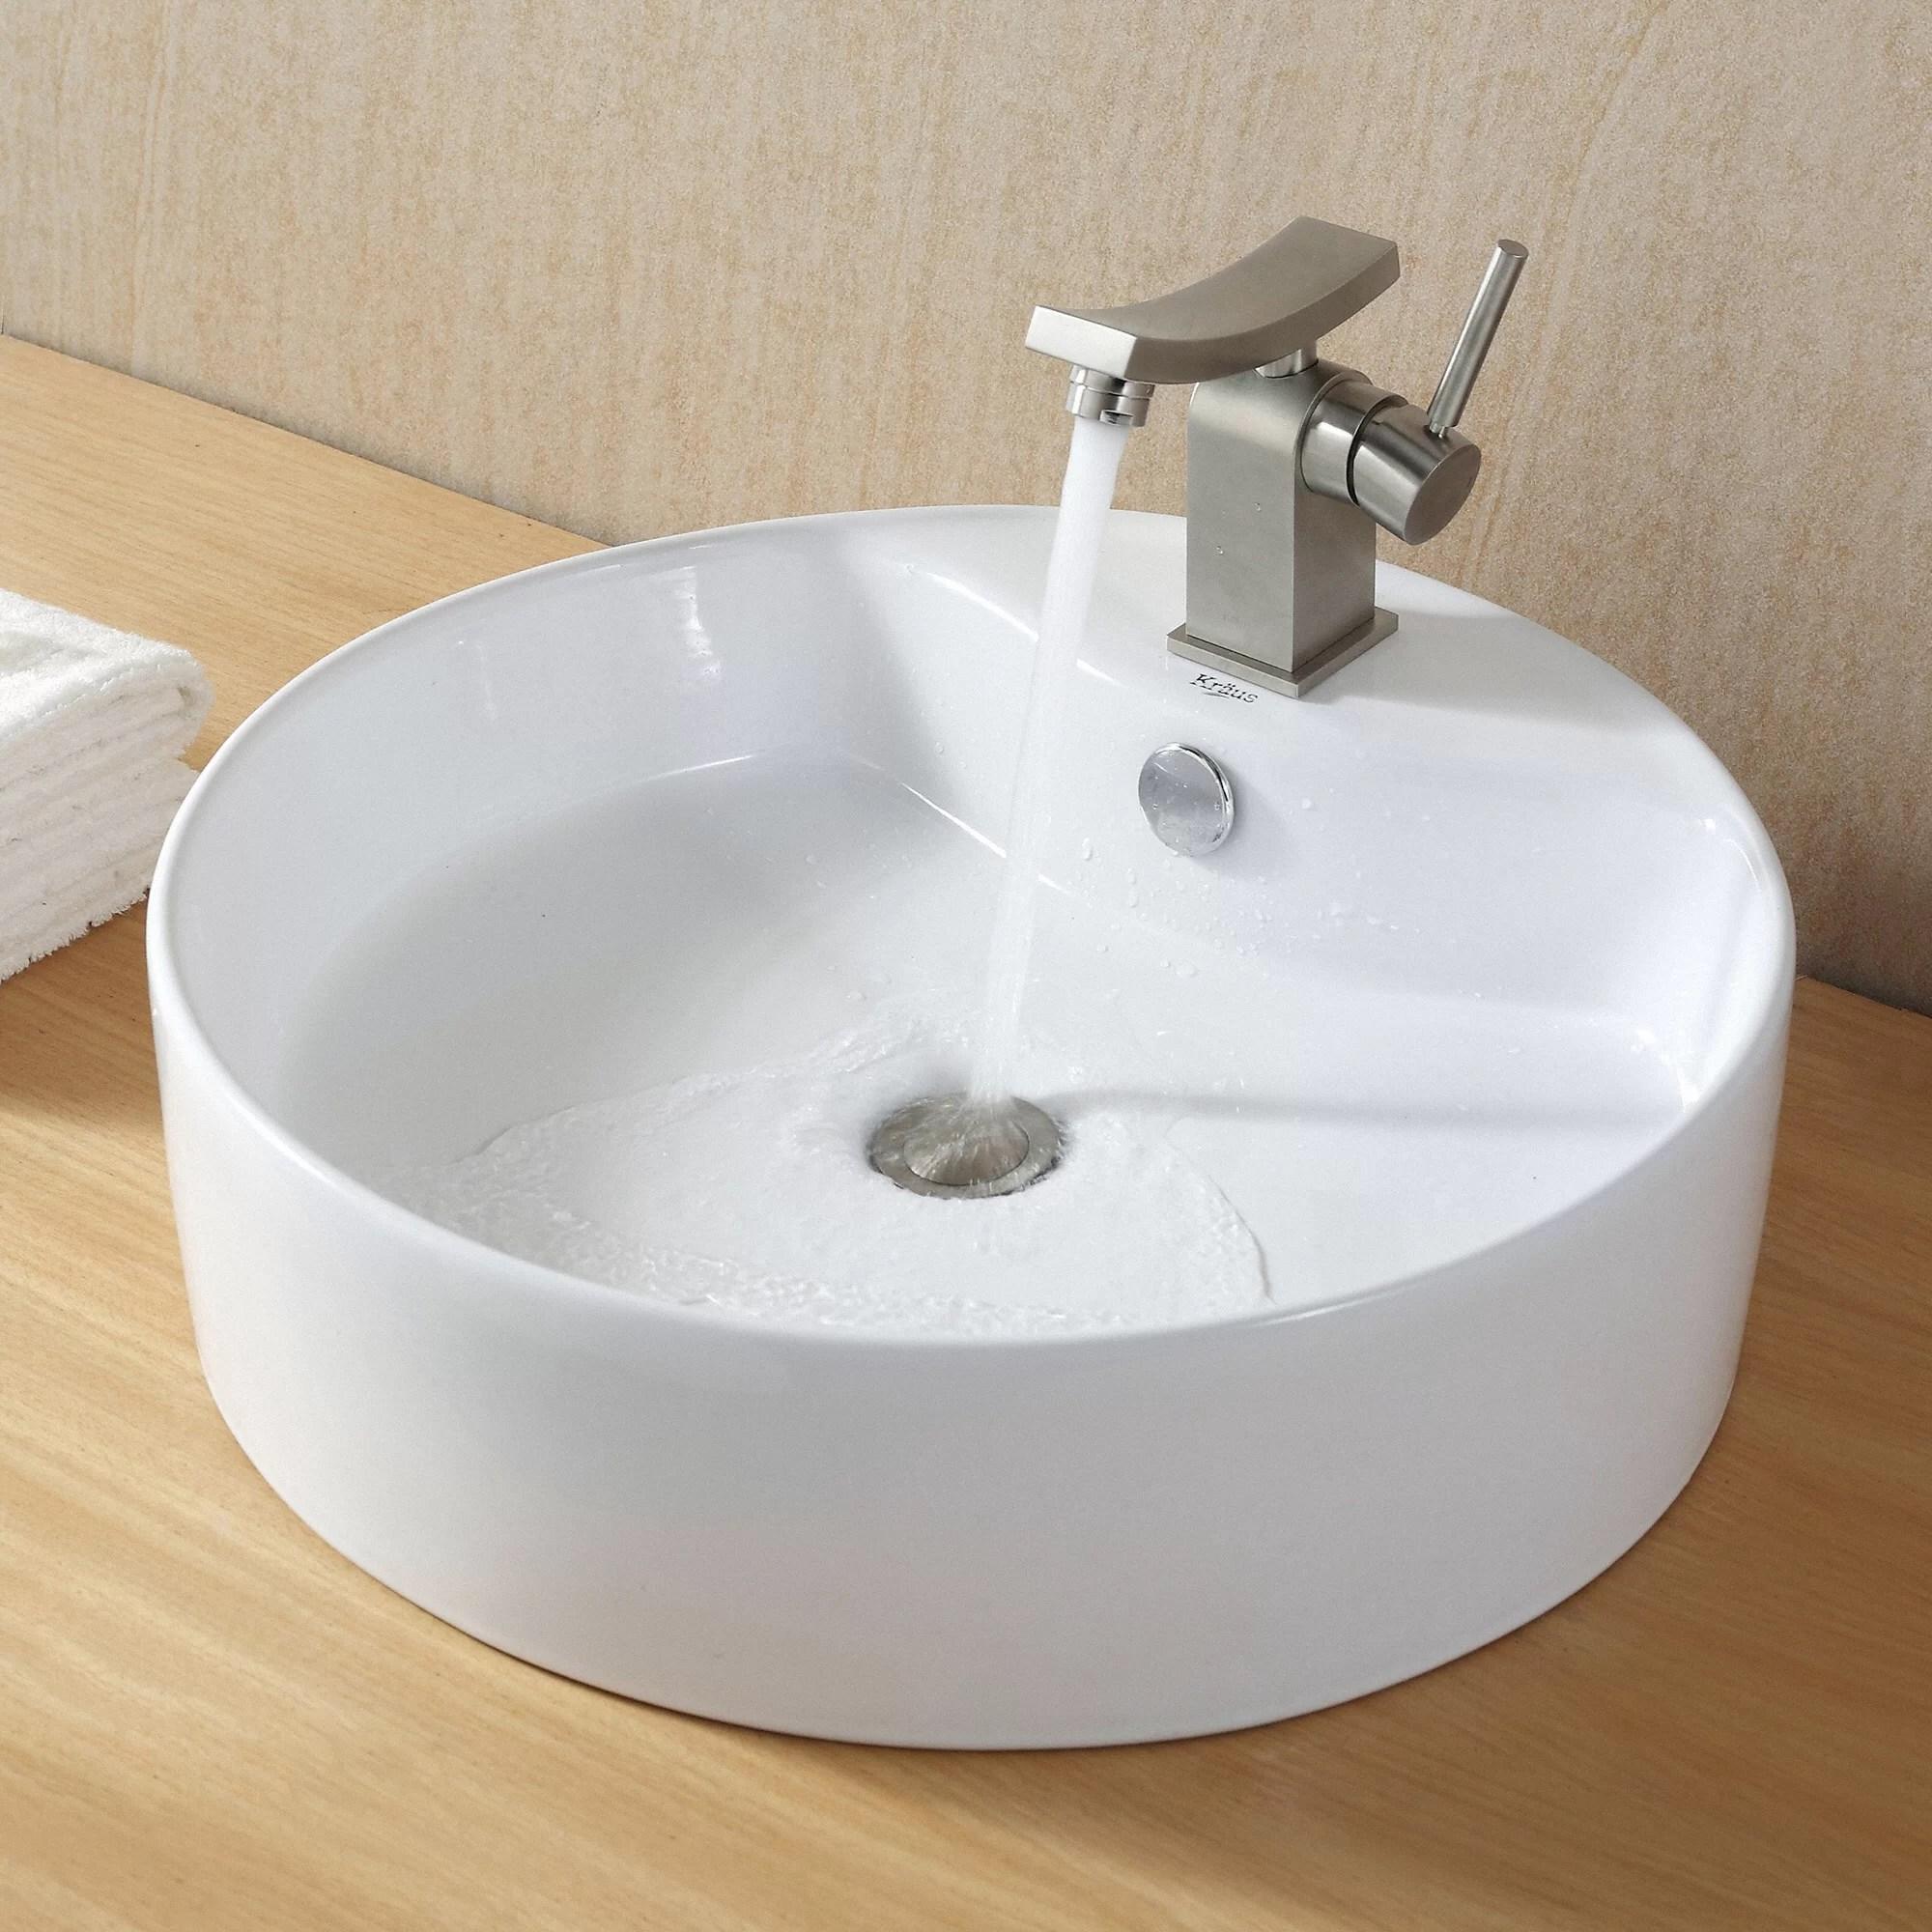 round kitchen sink wire rack kraus ceramic and reviews wayfair